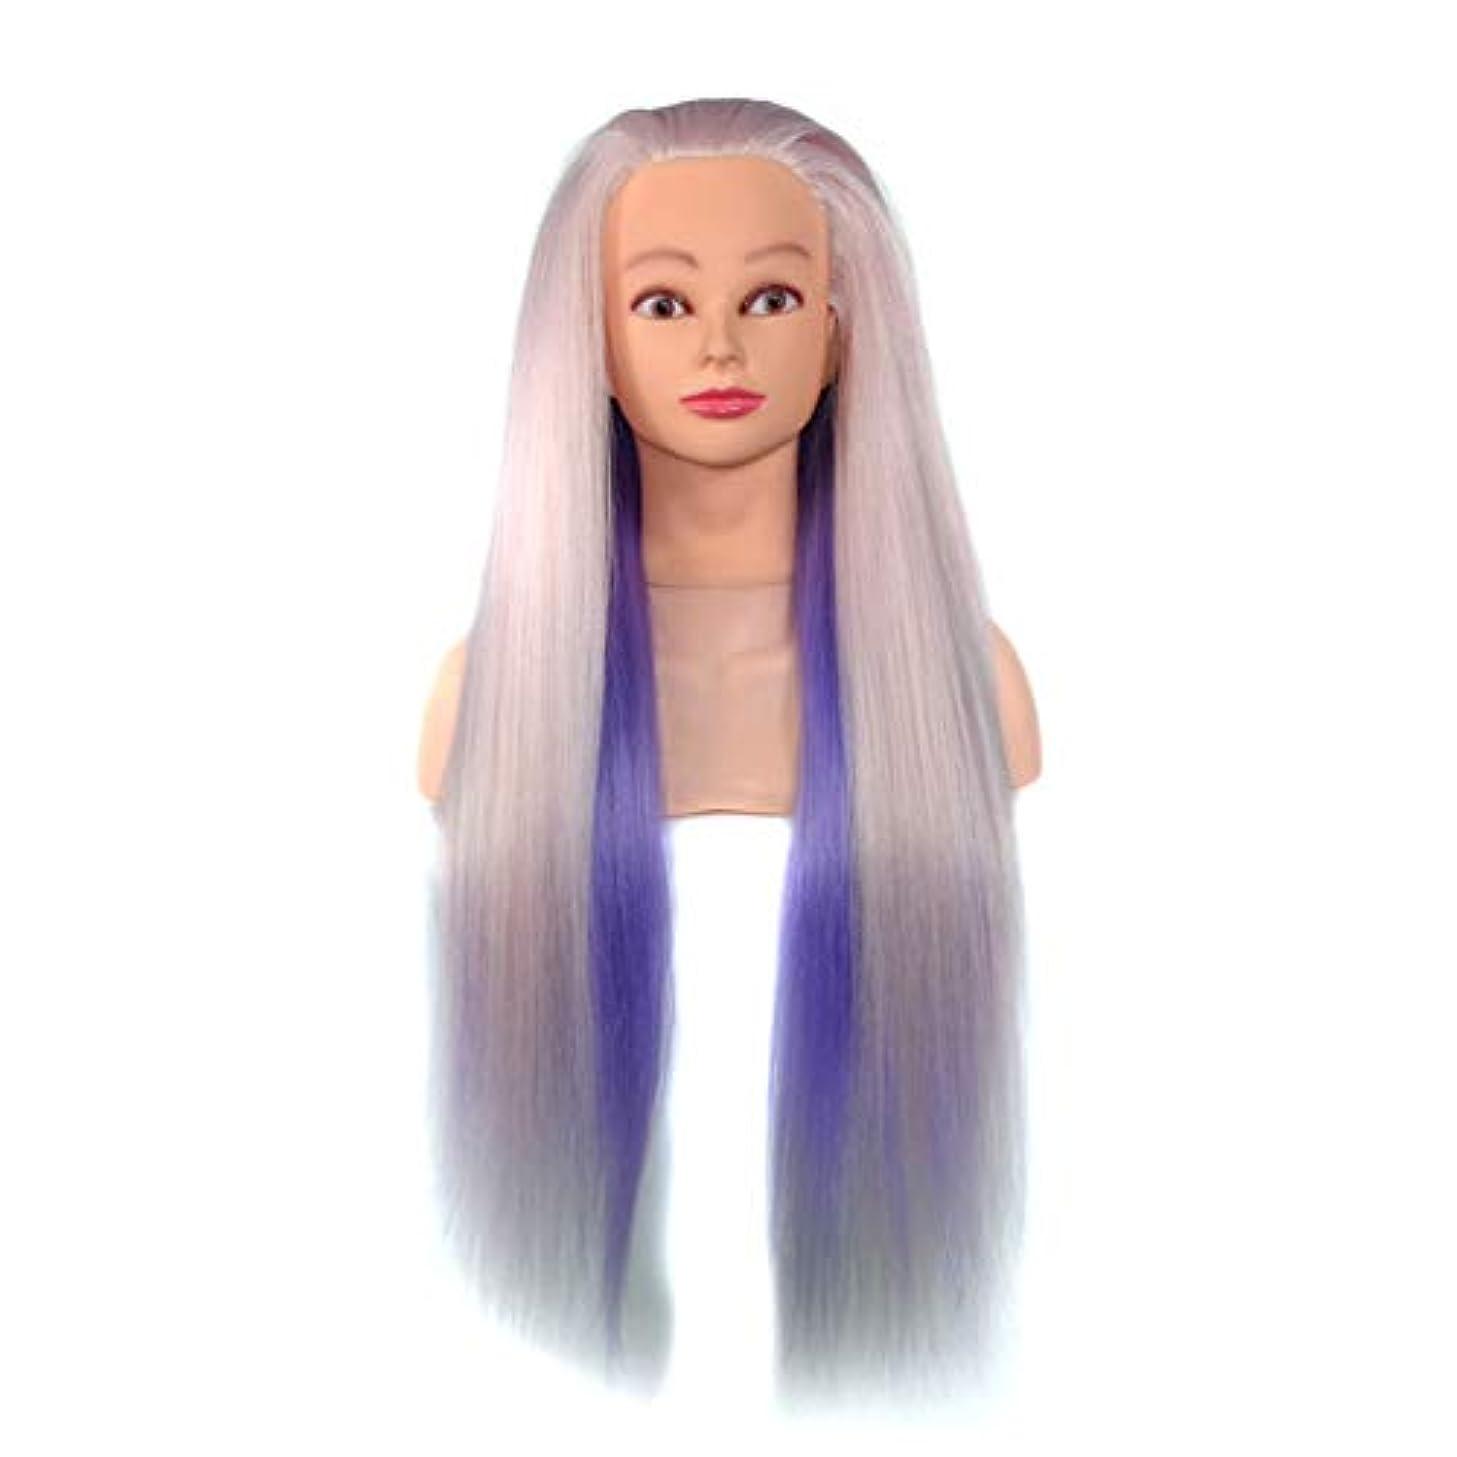 破壊衝動重くする高温シルク花嫁編組エクササイズヘッドサロン教育グラデーショントレーニングヘッド理髪学習ヘッドモデル